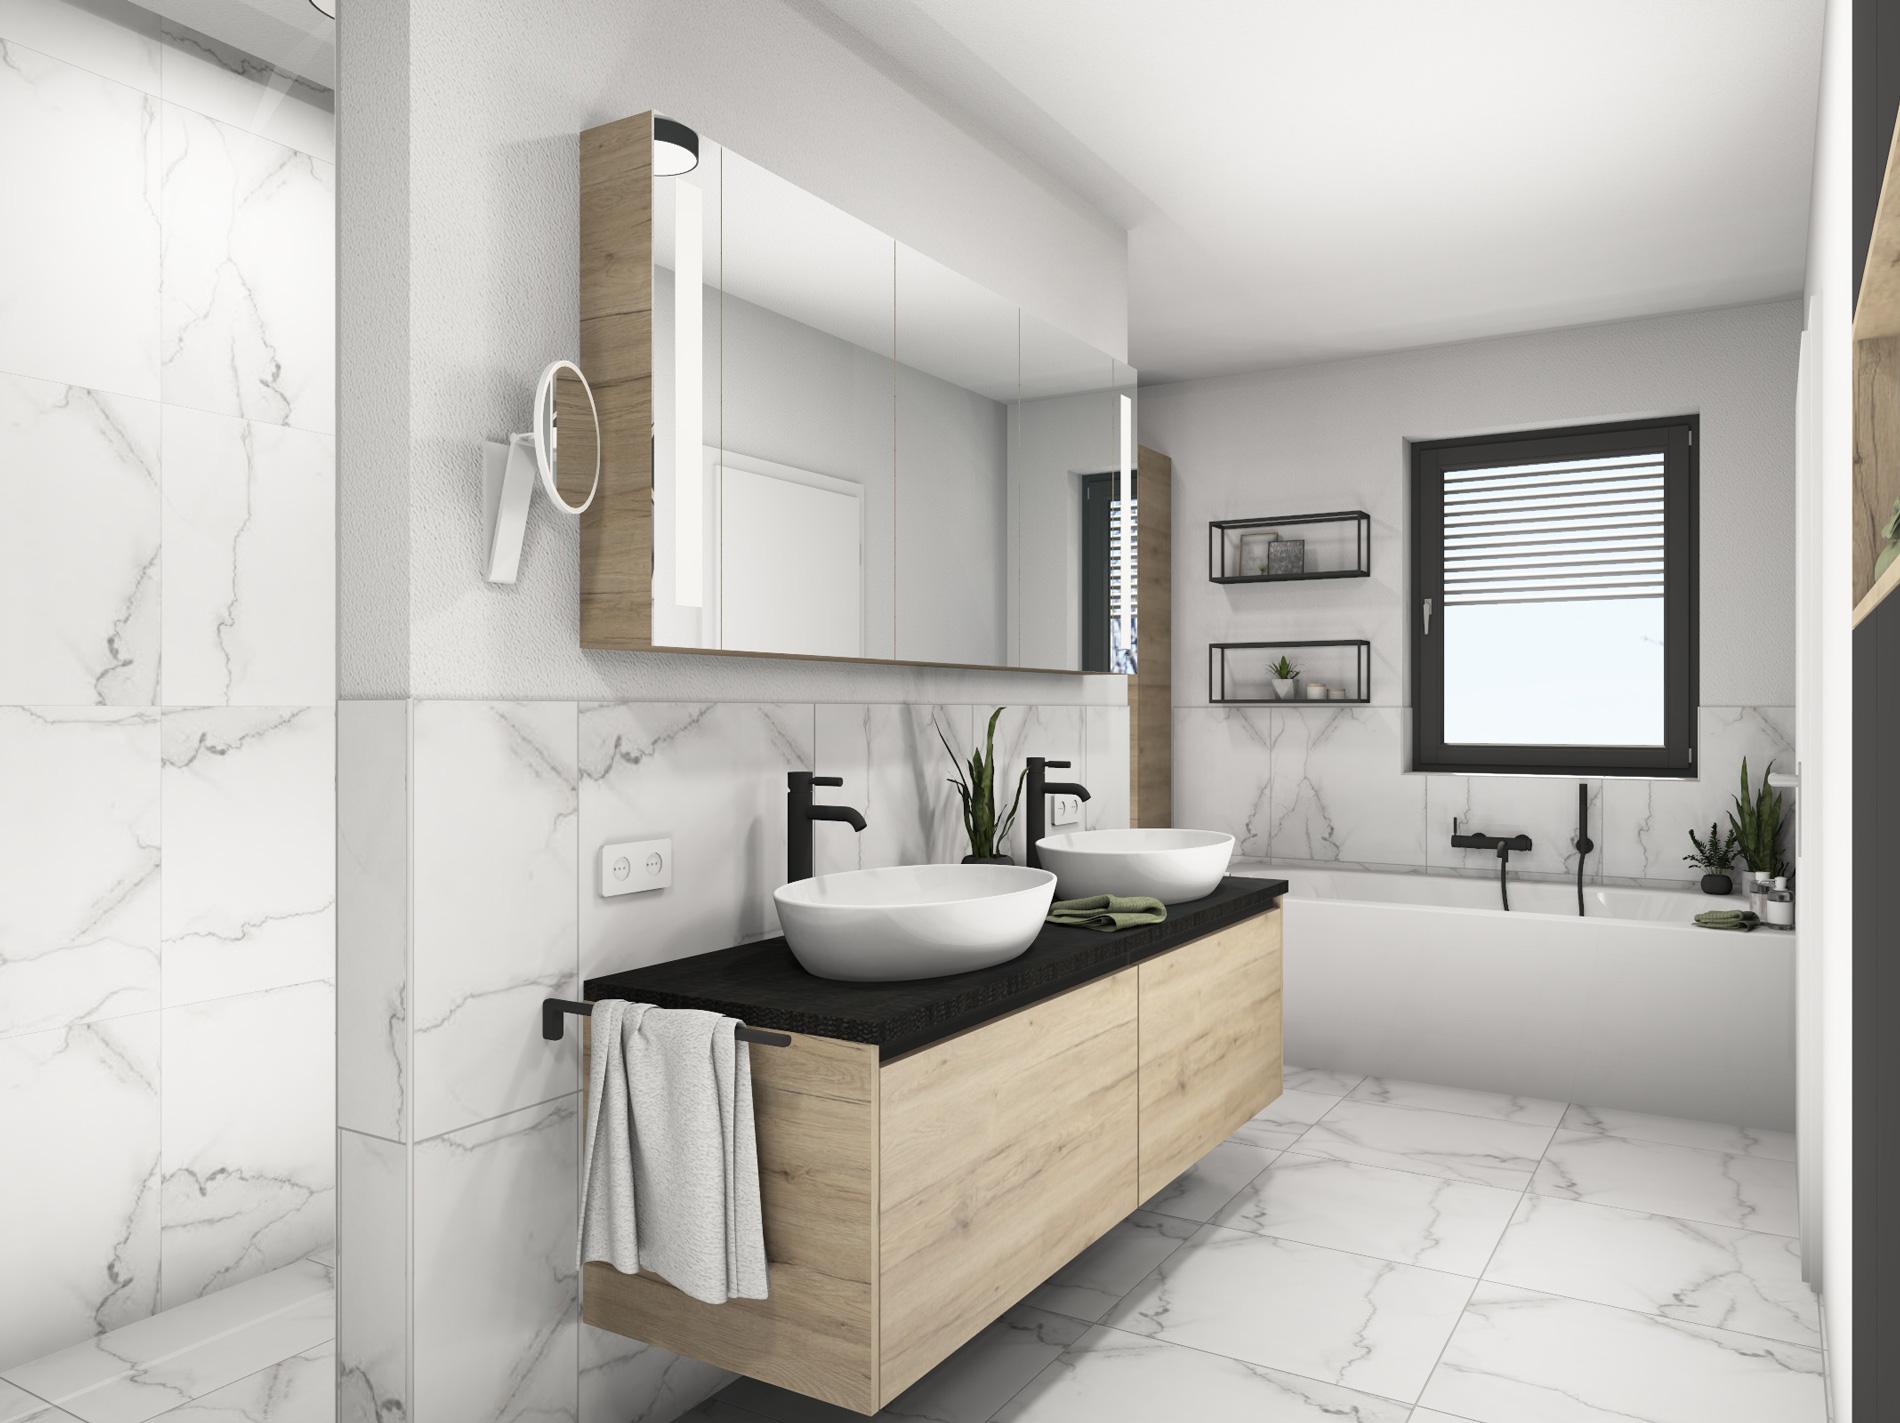 Badplanung-Top4-Waschtisch-offene-Dusche